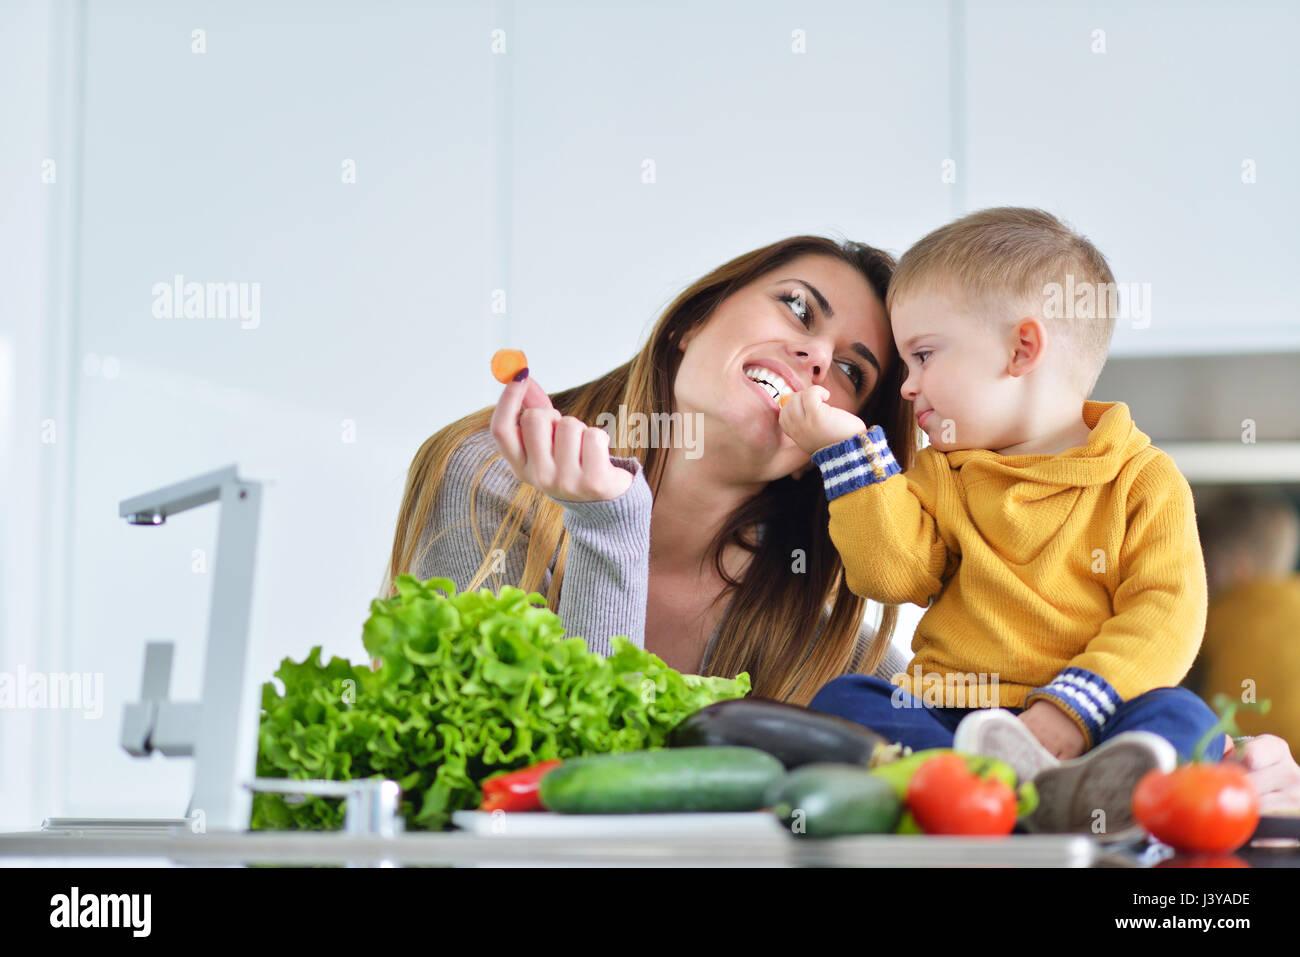 La madre e il bambino a preparare il pranzo da verdure fresche Immagini Stock